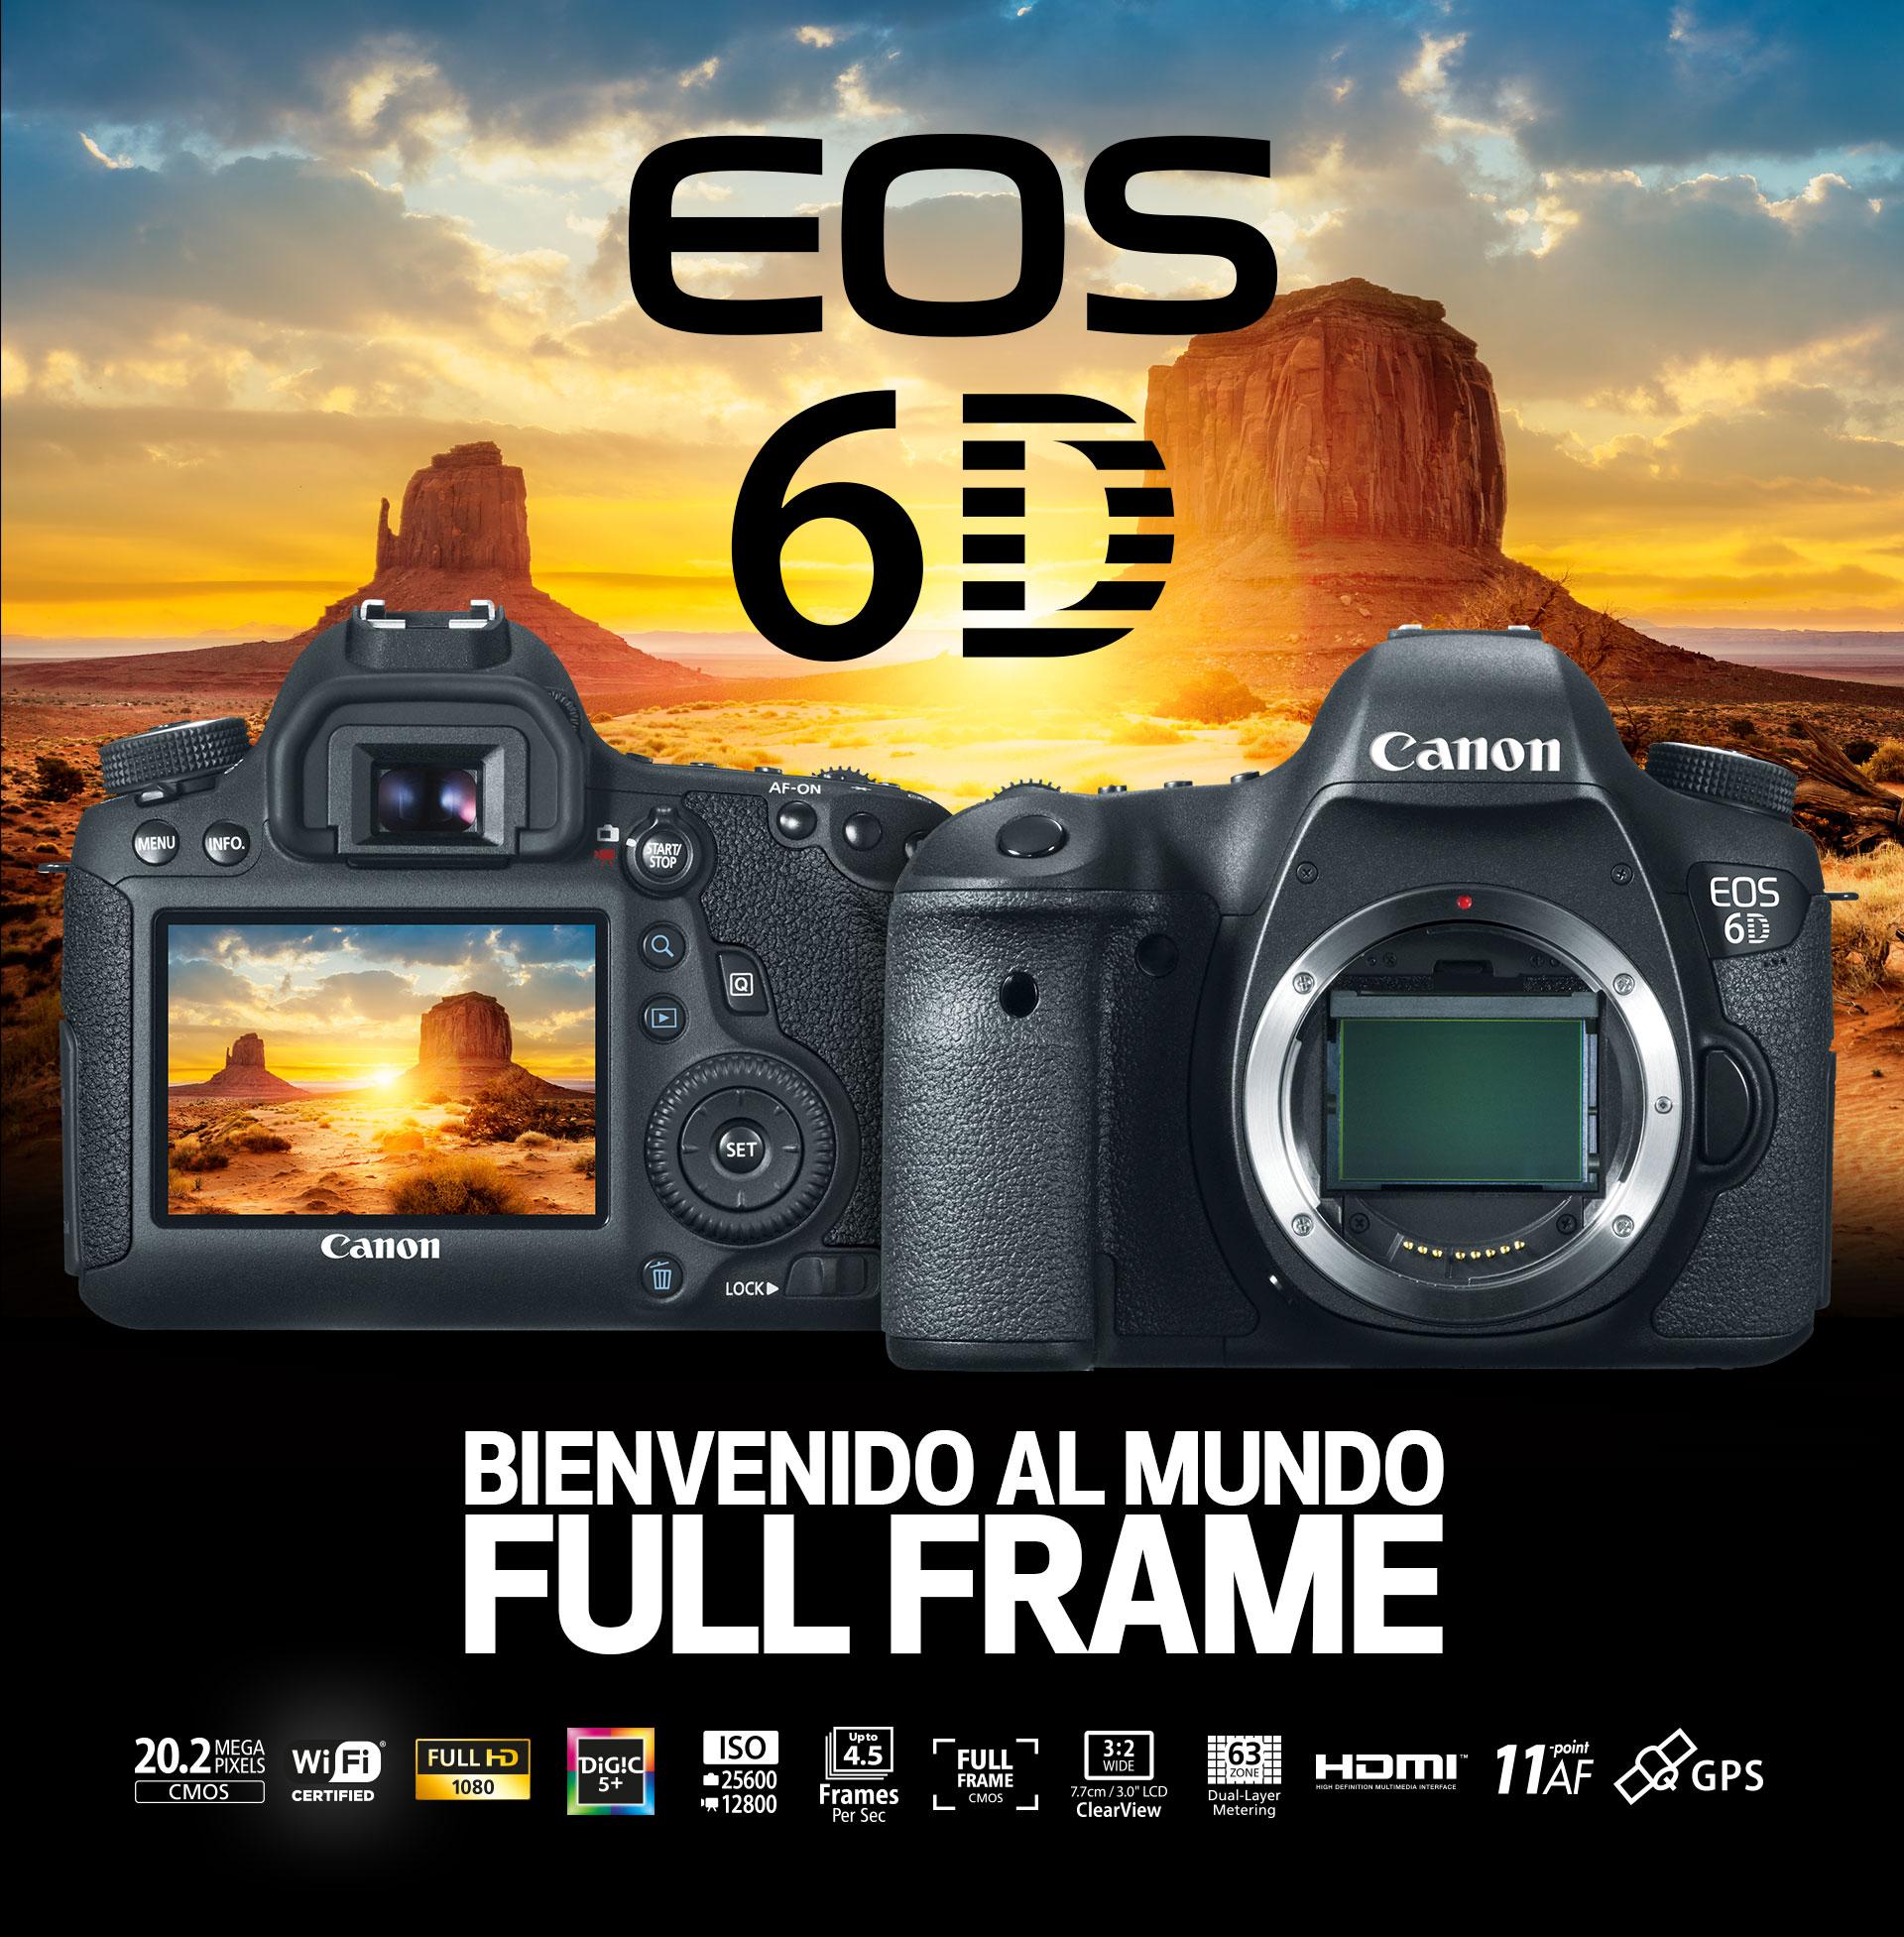 Cámara EOS 6D Cuerpo | Tienda Oficial Canon